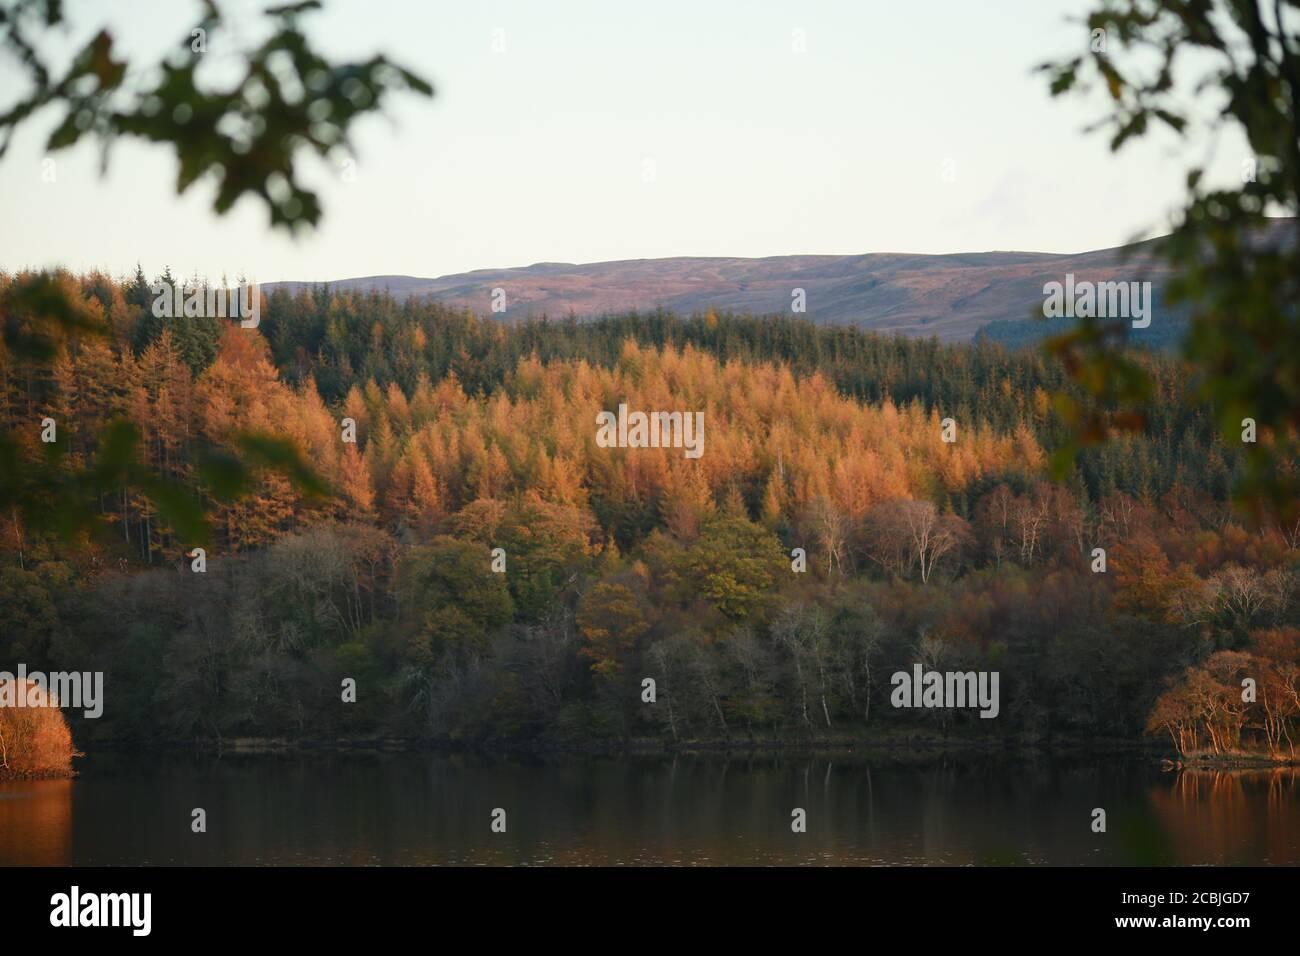 Couleur d'automne sur un Loch en Écosse. Banque D'Images